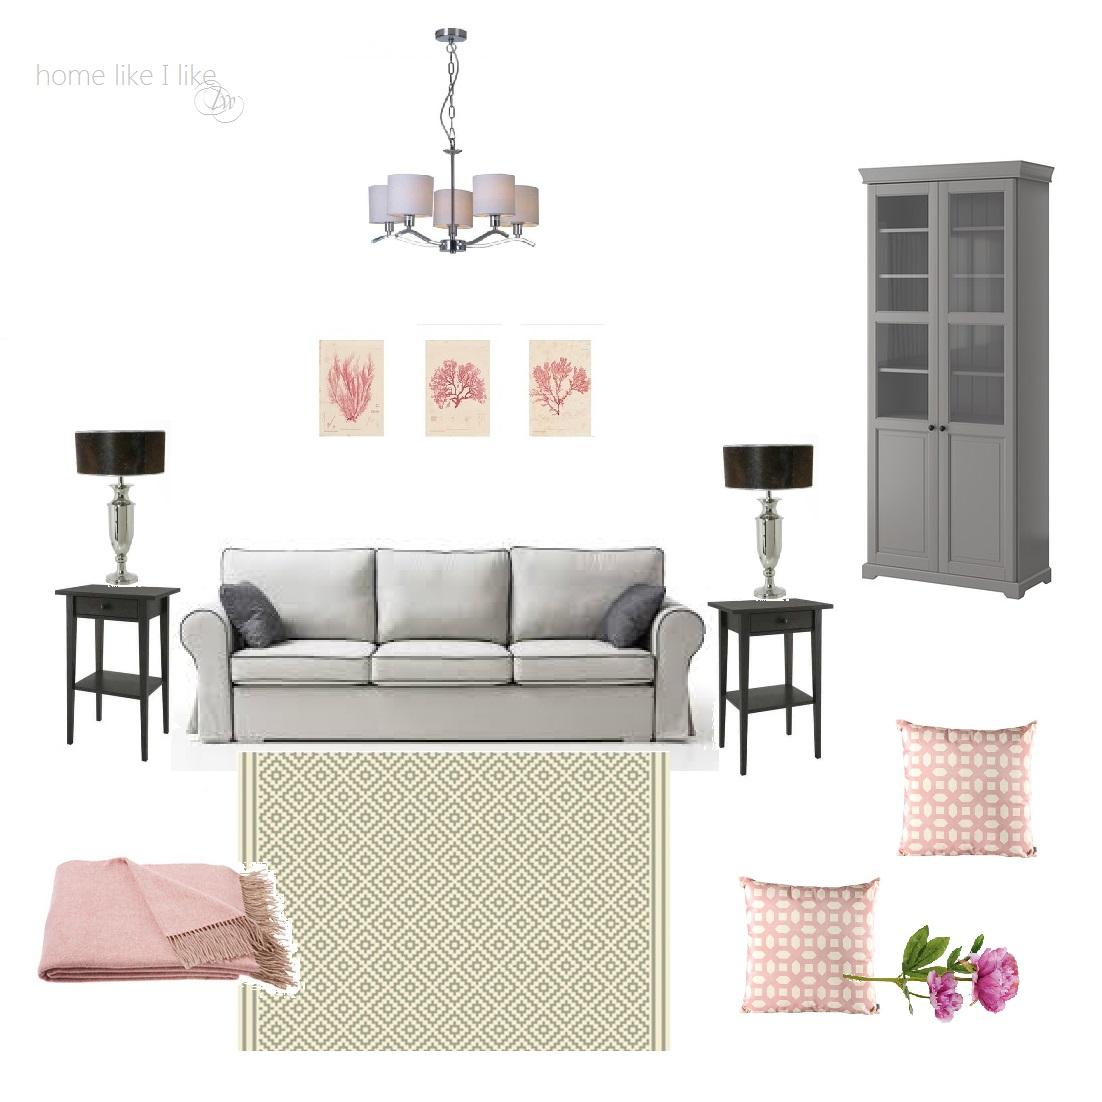 pierwsze mieszkanie - homelikeilike.com